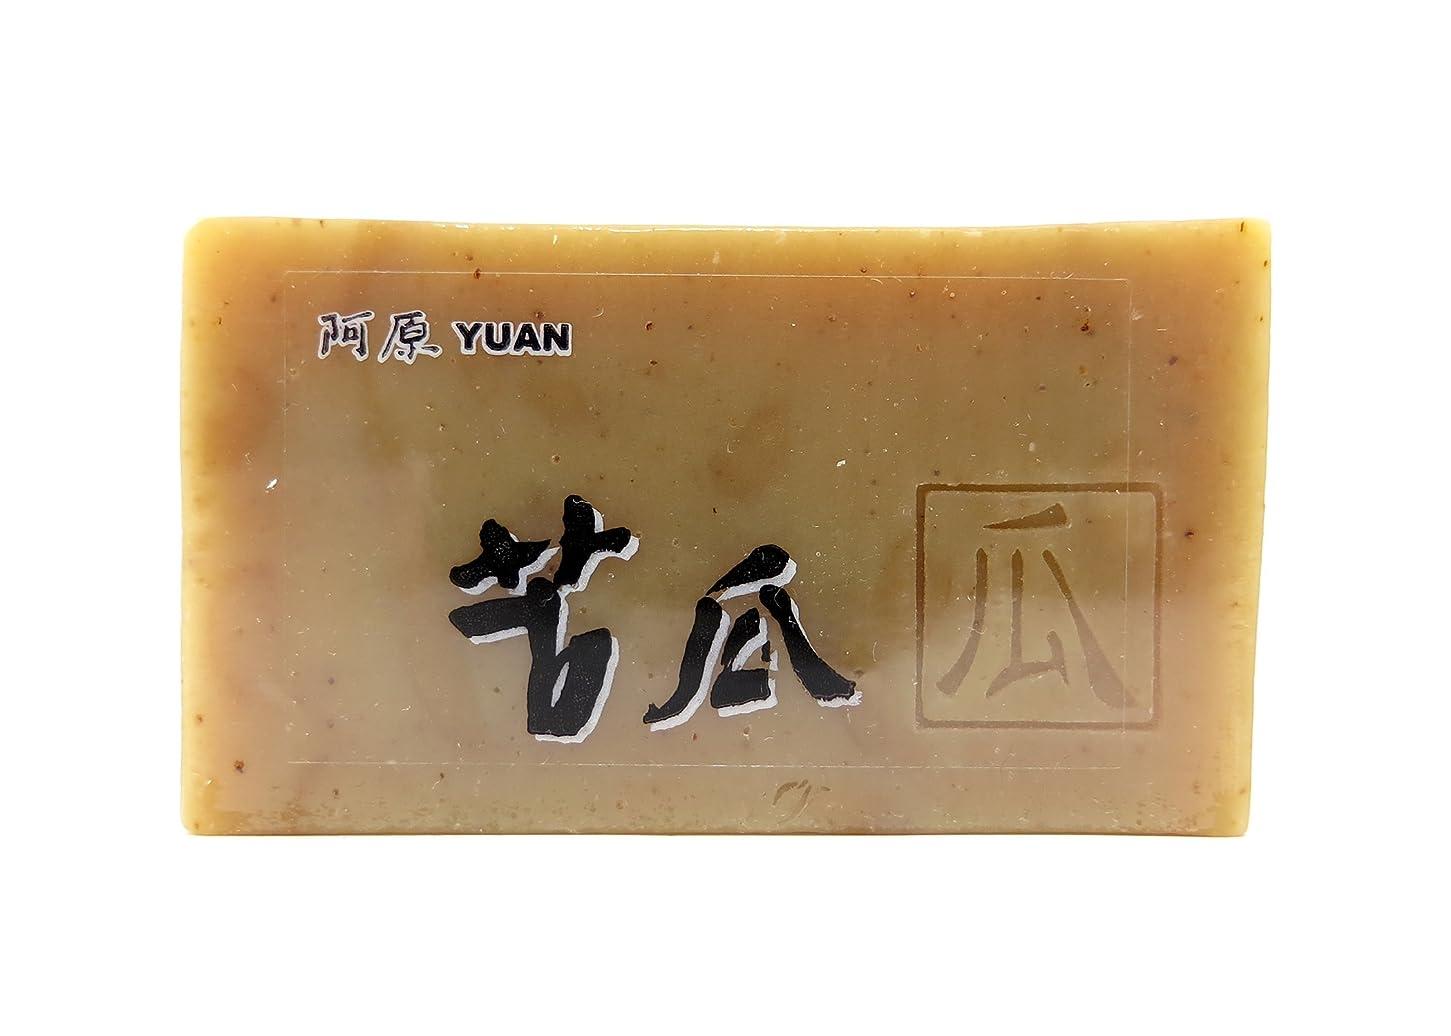 大破熟練した素晴らしきYUAN SOAP ユアンソープ 苦瓜(にがうり) 100g (阿原 石けん 台湾コスメ)